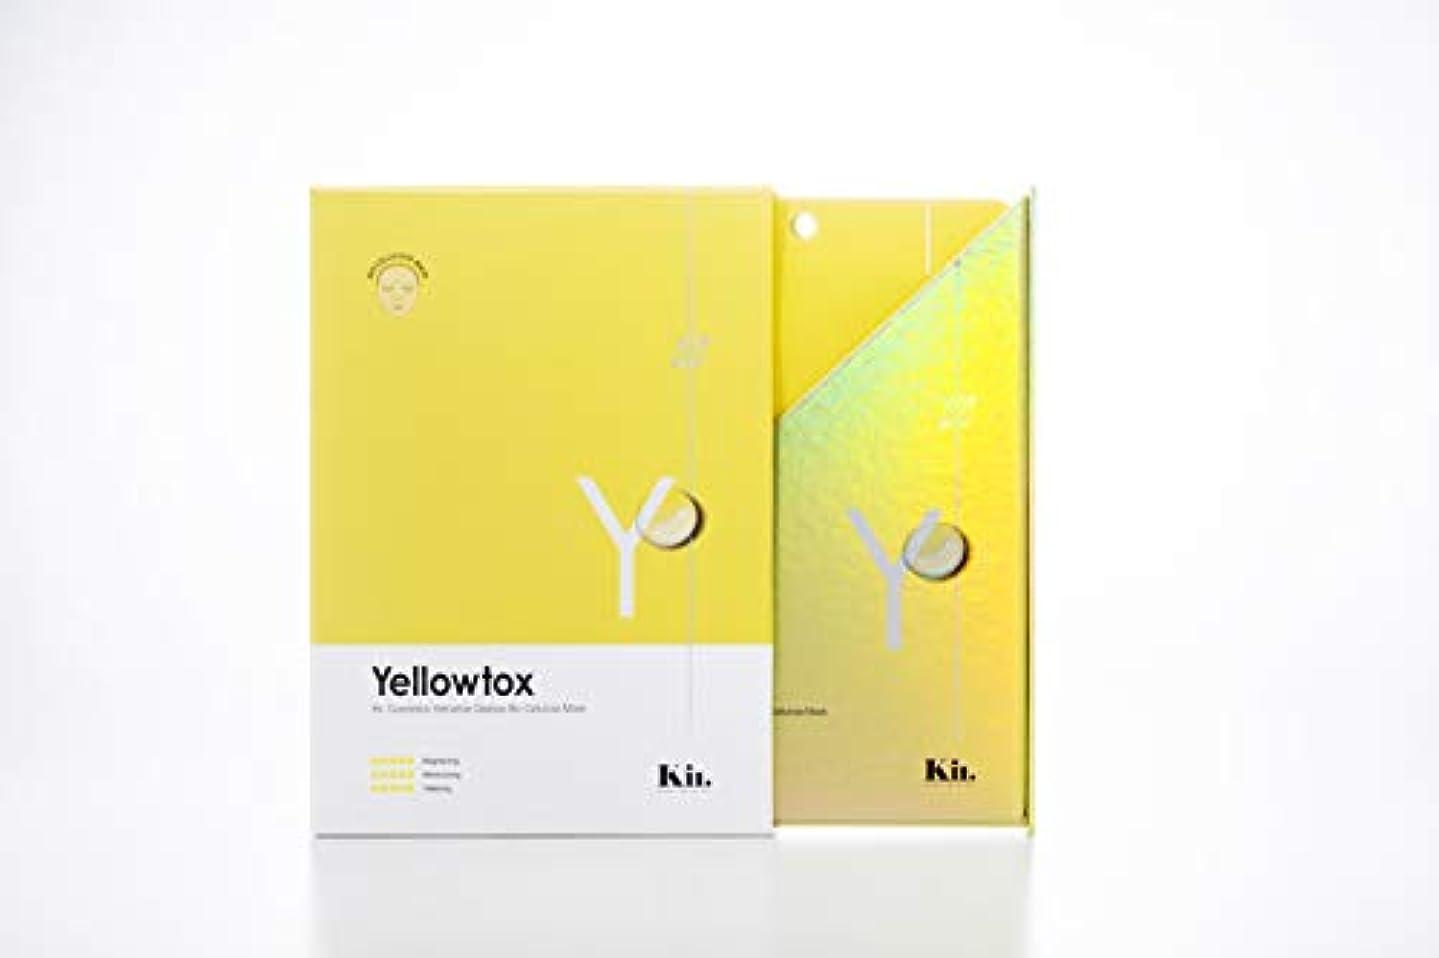 広々ポインタ有害な[KiI キー]クレンズトックスマスクパック10枚入り (YellowTox)